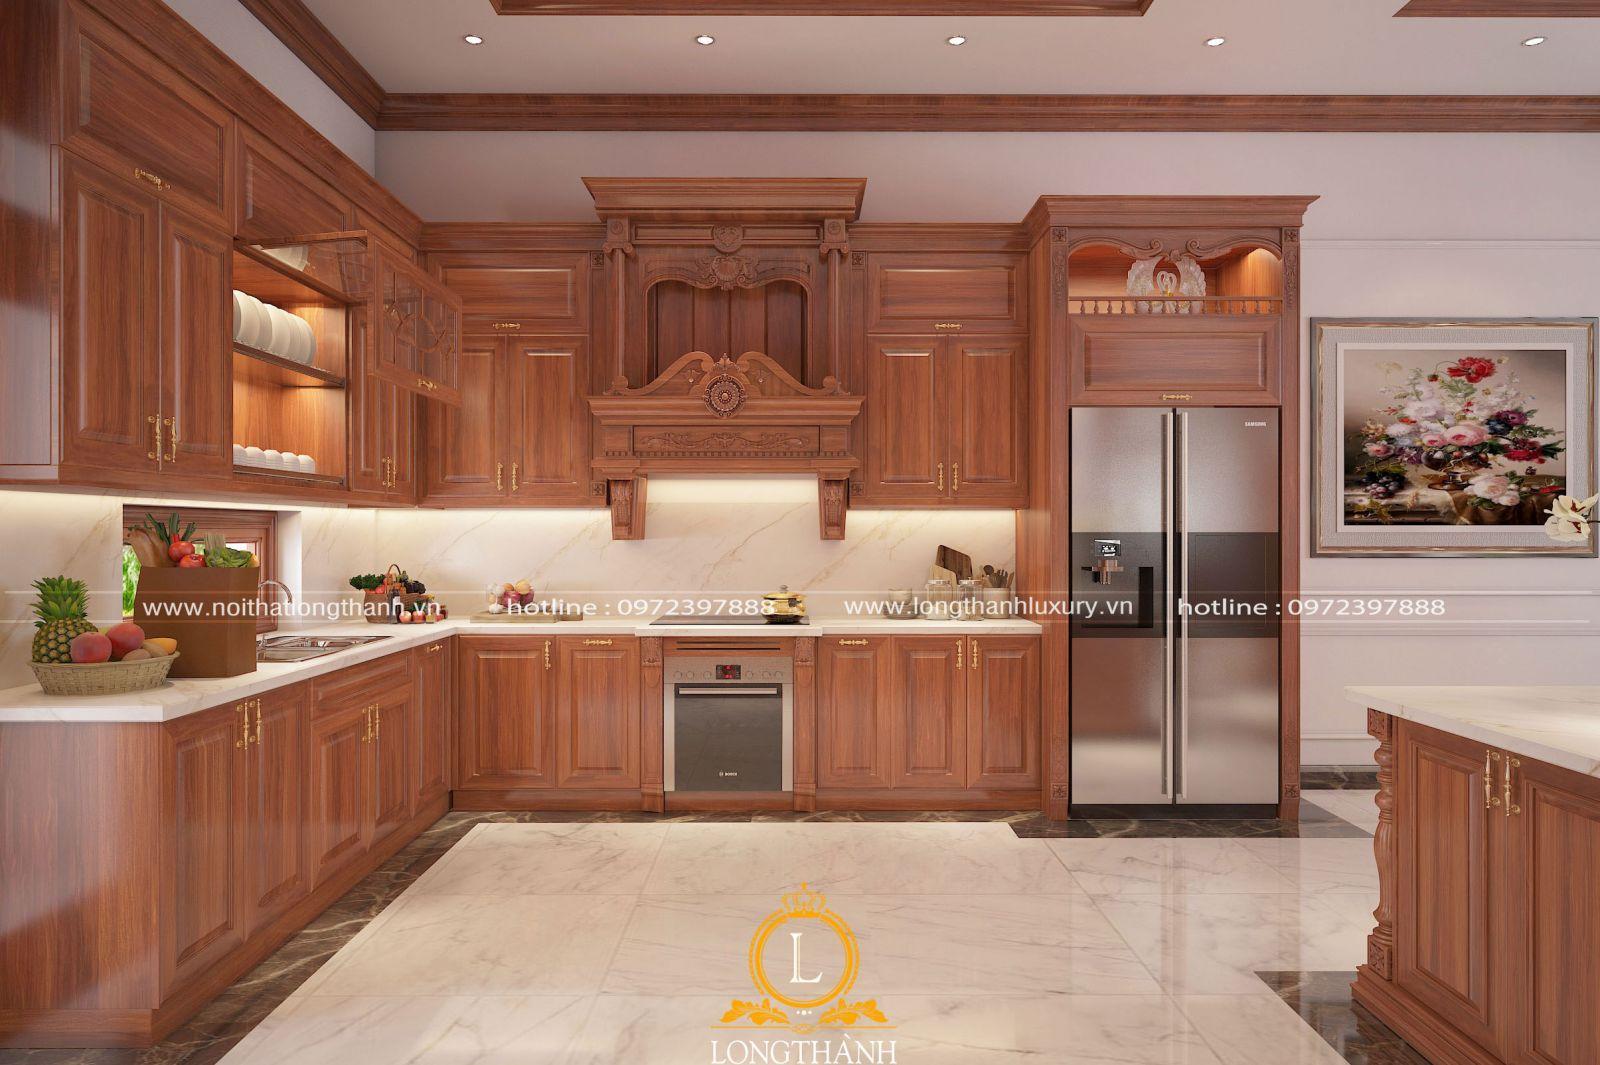 Tủ bếp đẹp có khả năng thích nghi tốt trong nhiều điều kiện khí hậu